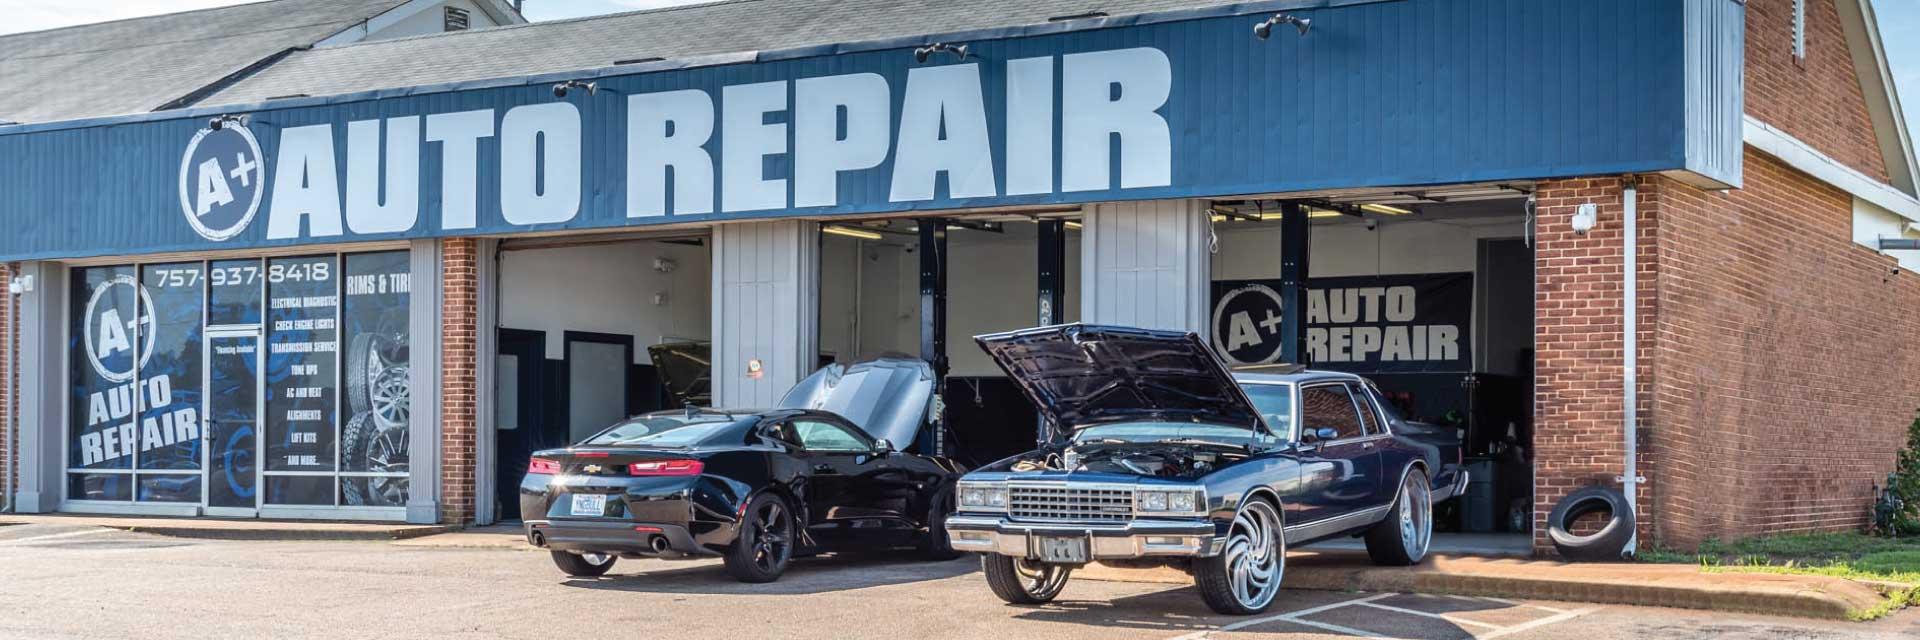 a+ auto repair virginia beach